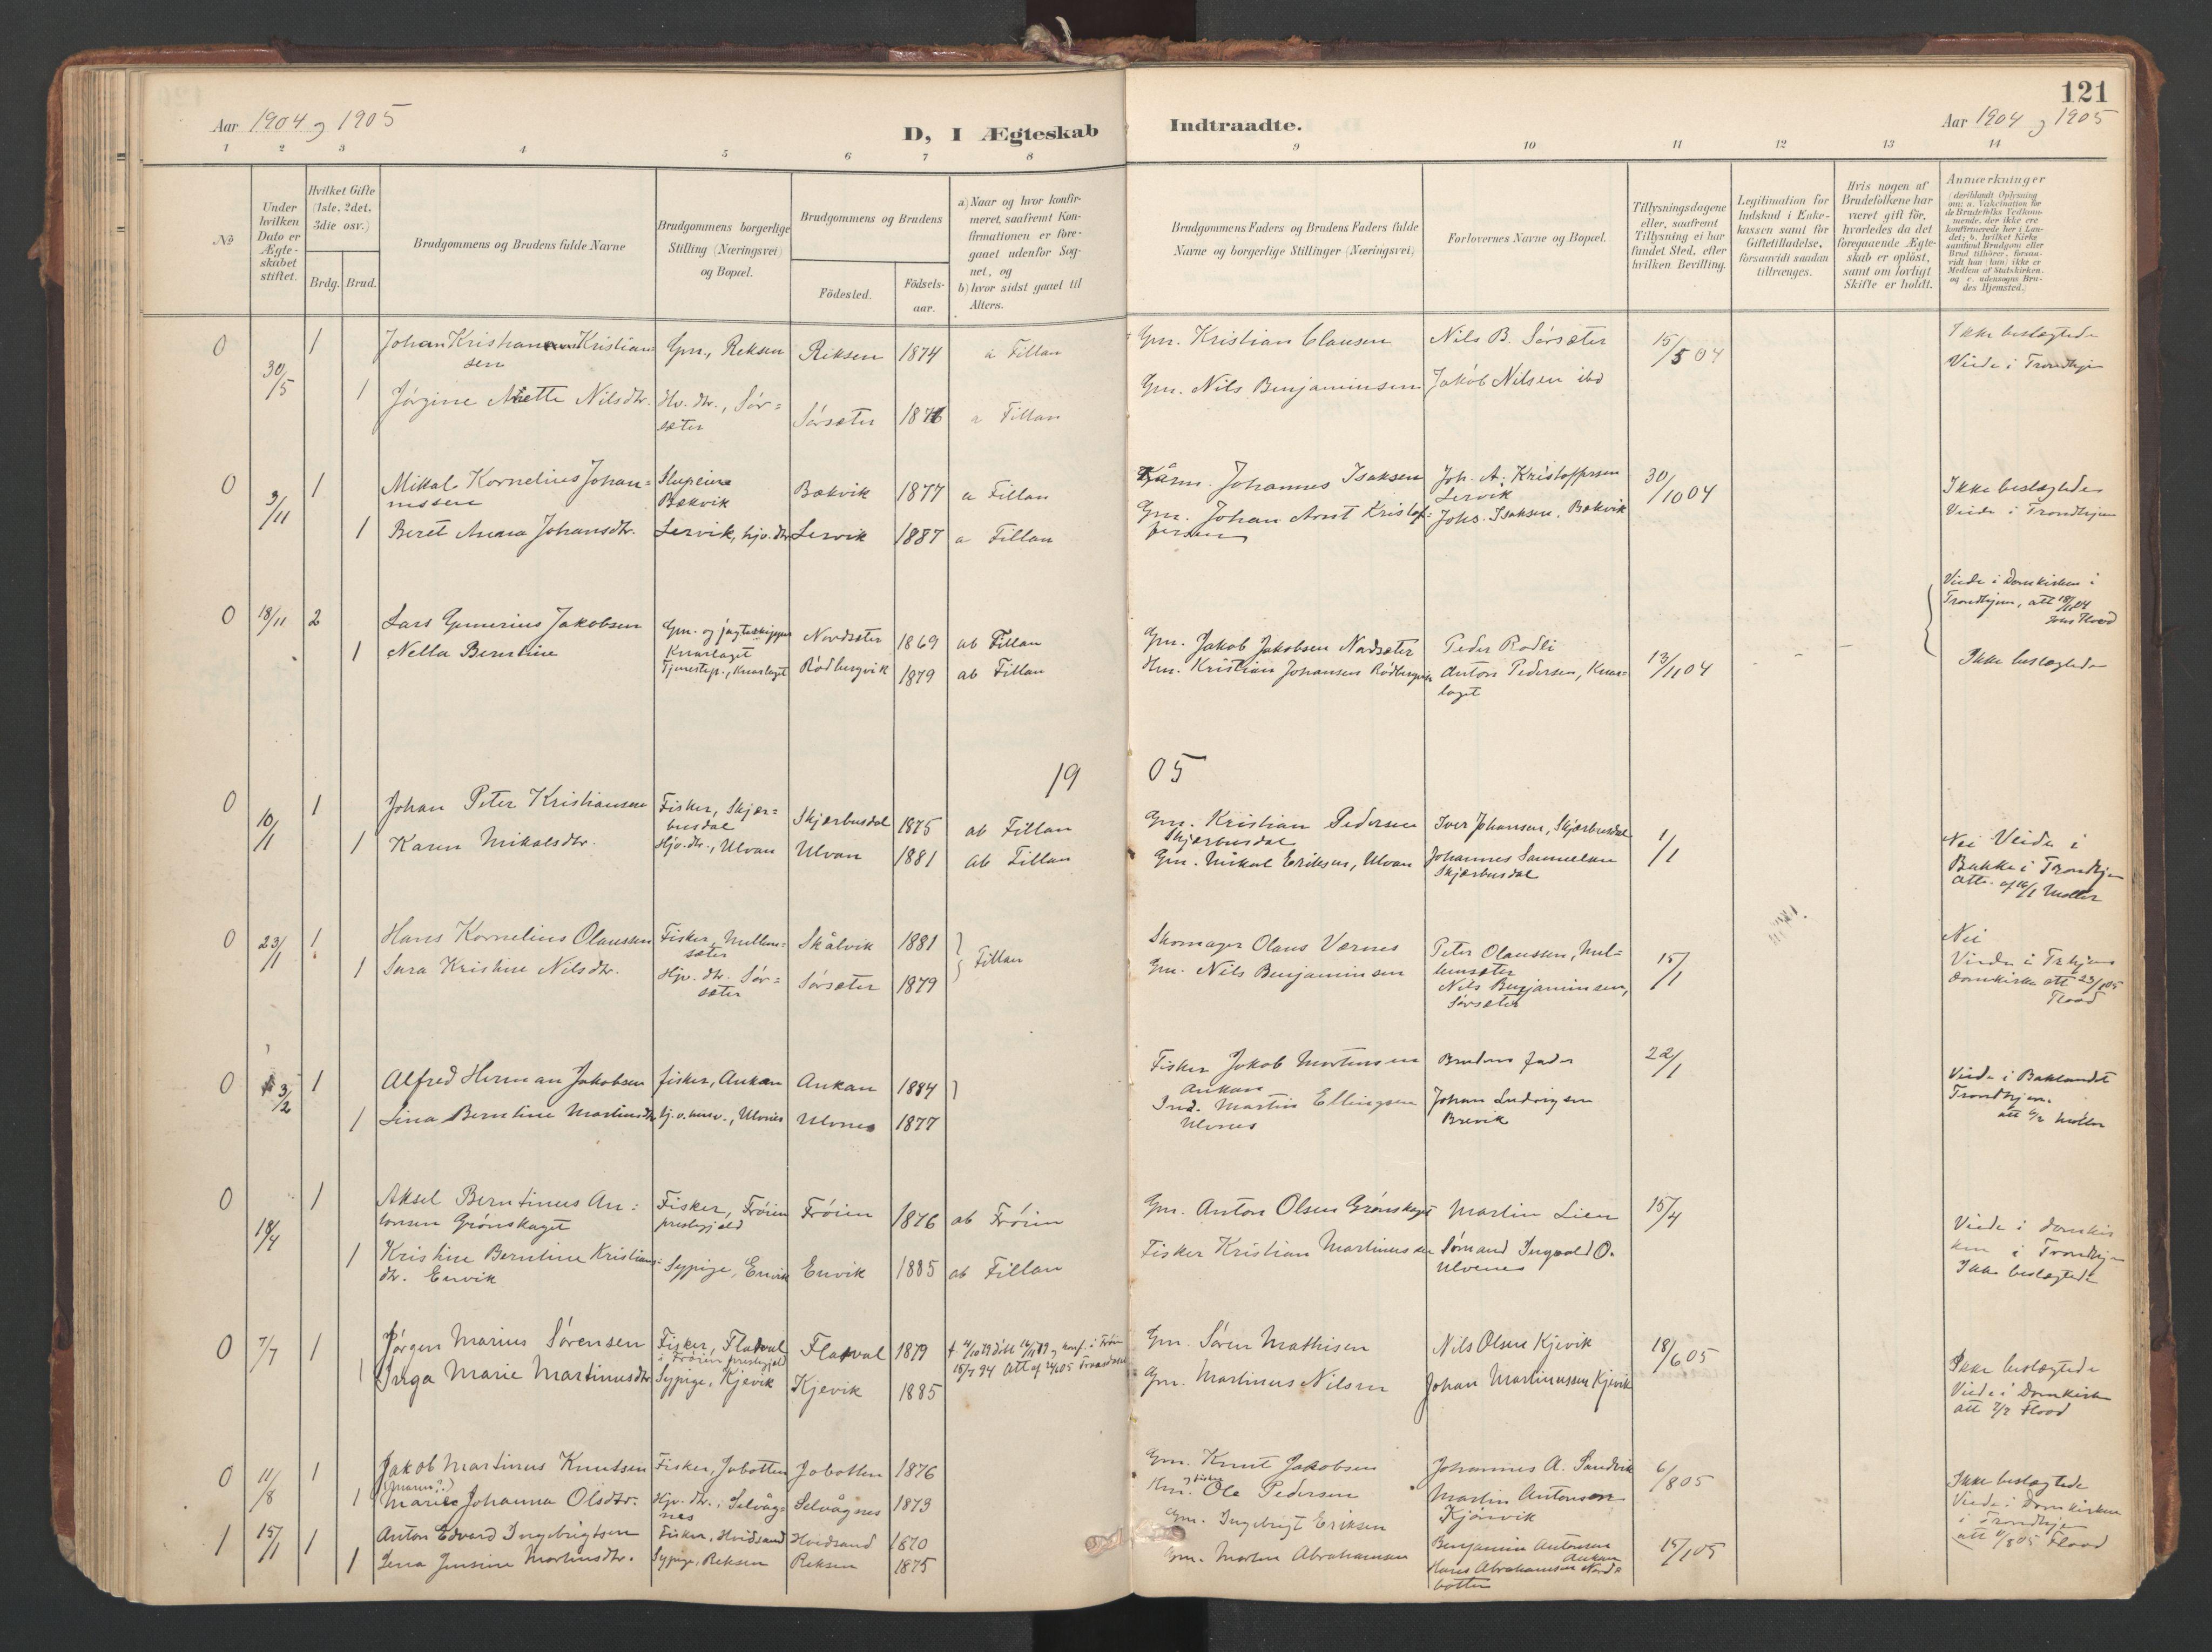 SAT, Ministerialprotokoller, klokkerbøker og fødselsregistre - Sør-Trøndelag, 638/L0568: Ministerialbok nr. 638A01, 1901-1916, s. 121